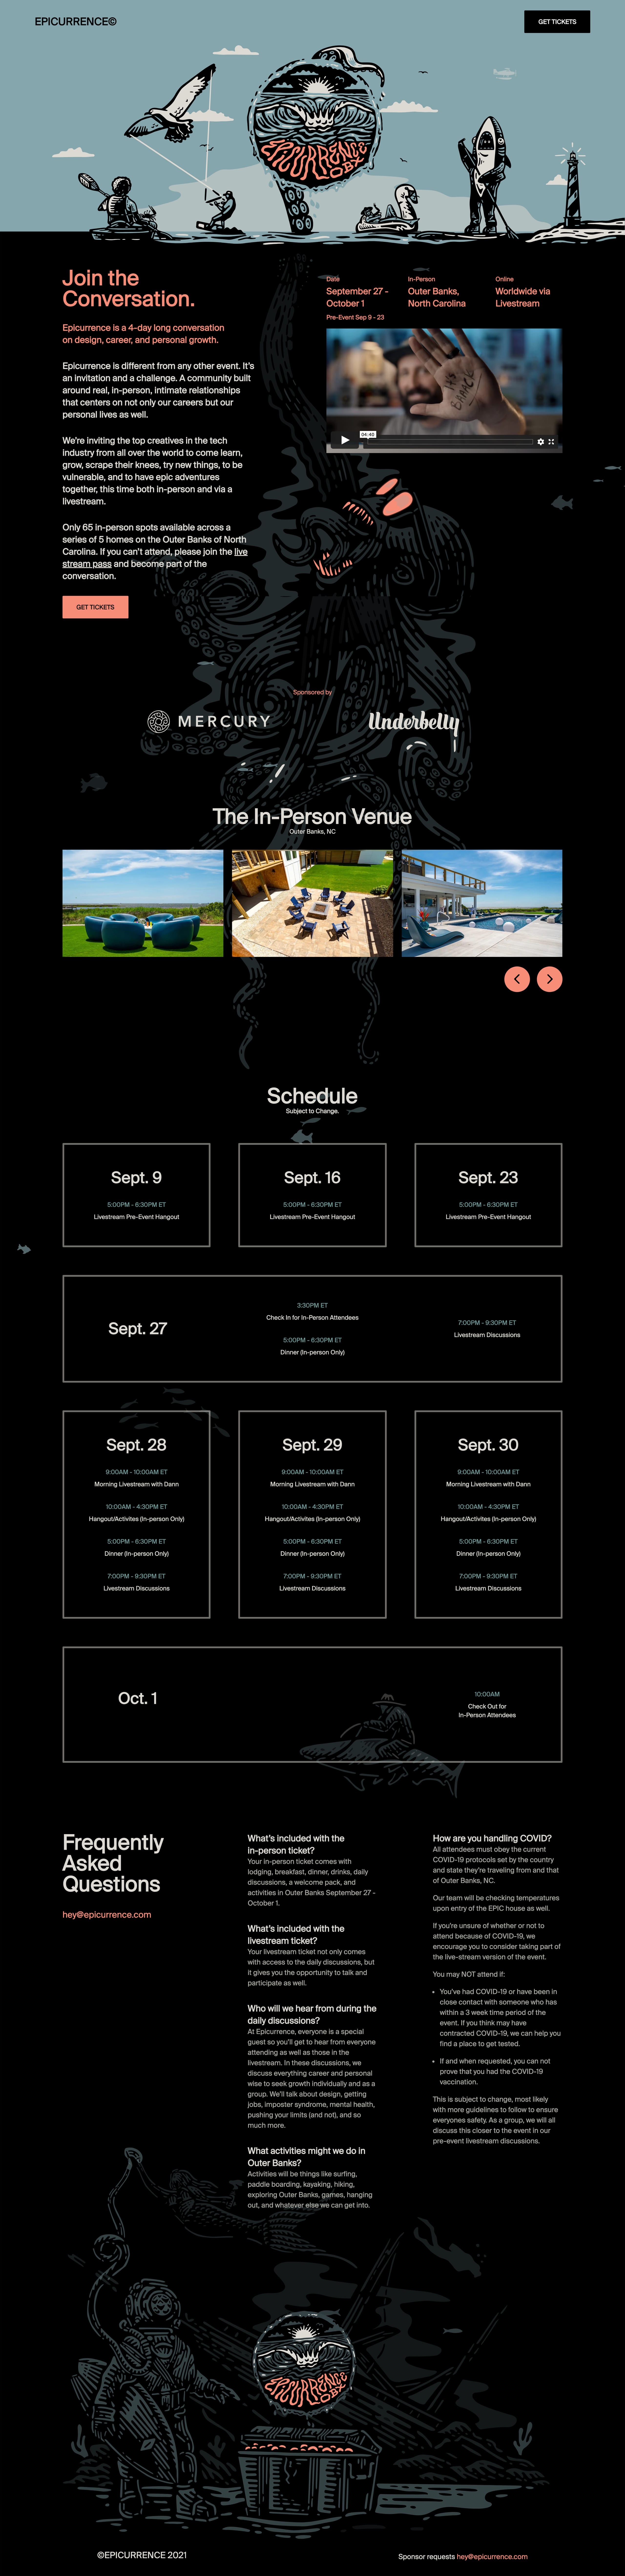 Epicurrence OBX Website Screenshot